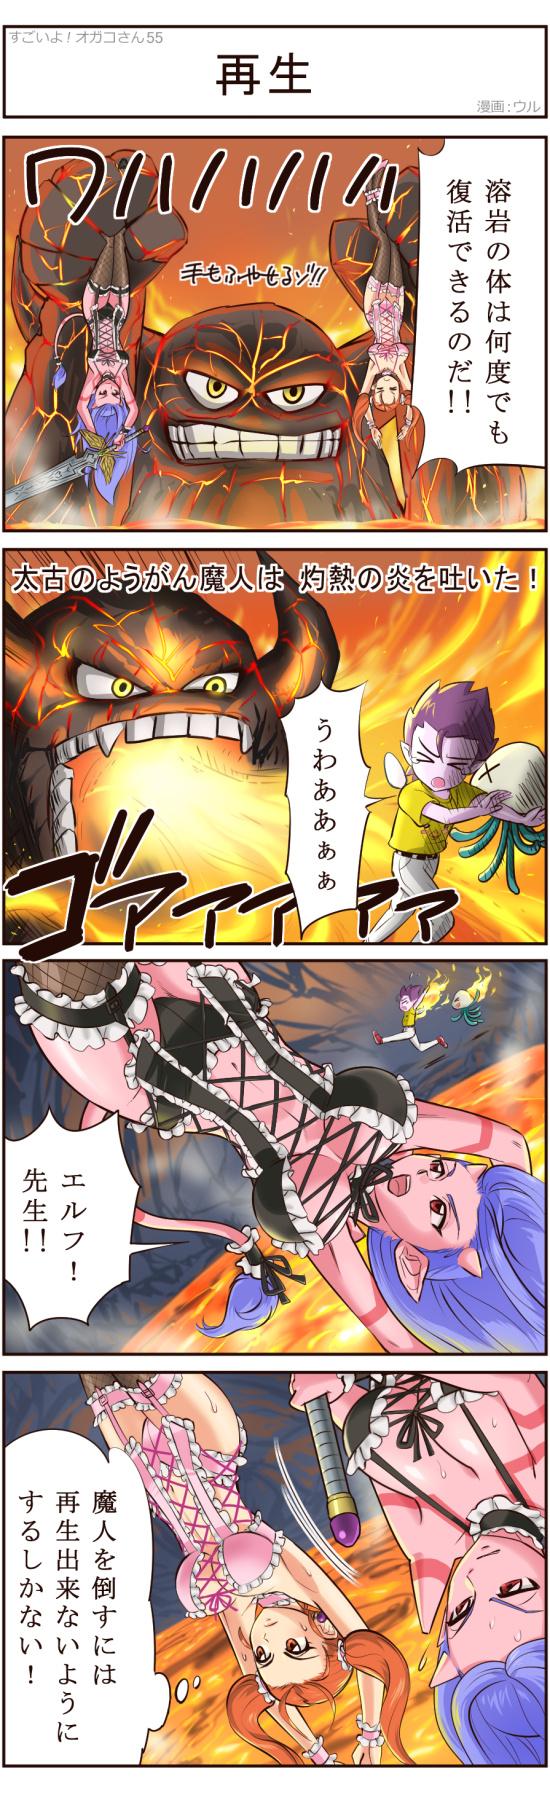 4コマ漫画DQXすごいよ!オガコさん第55話